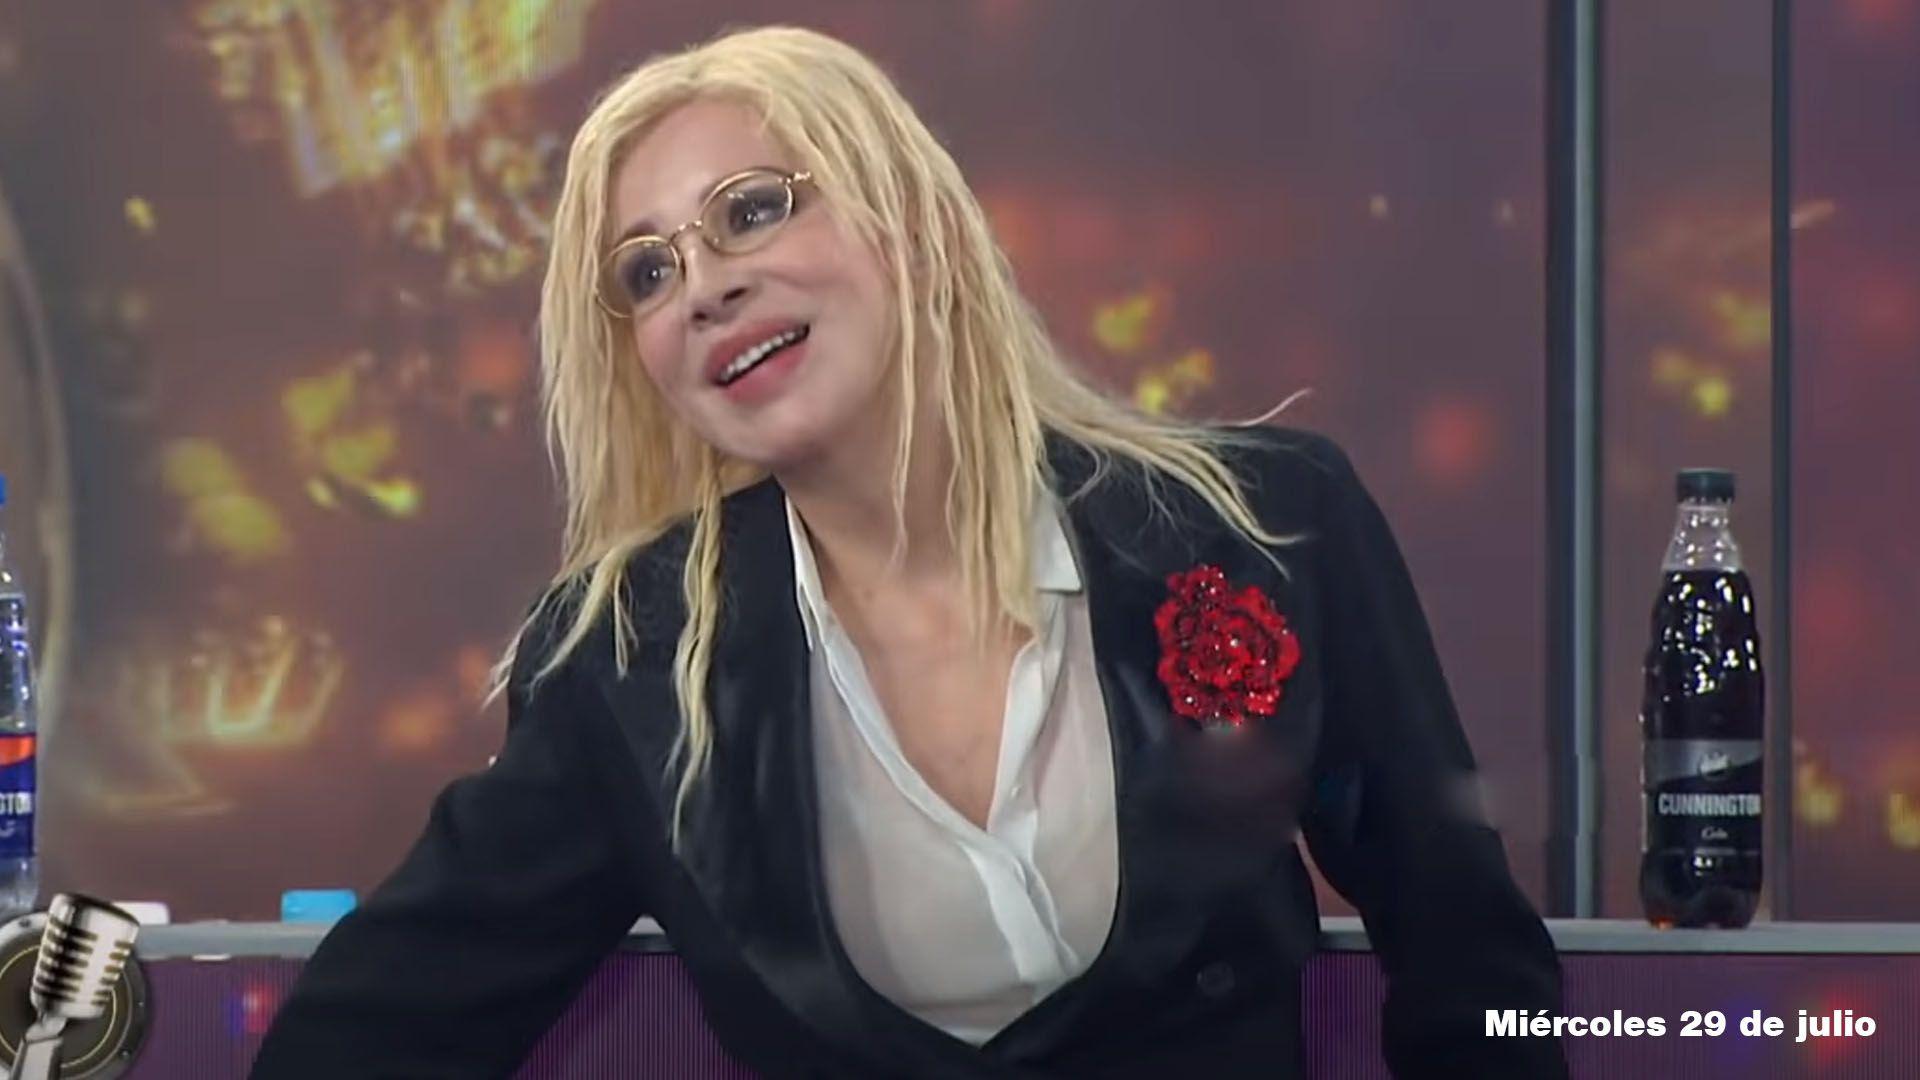 nacha guevara look cantando 2020